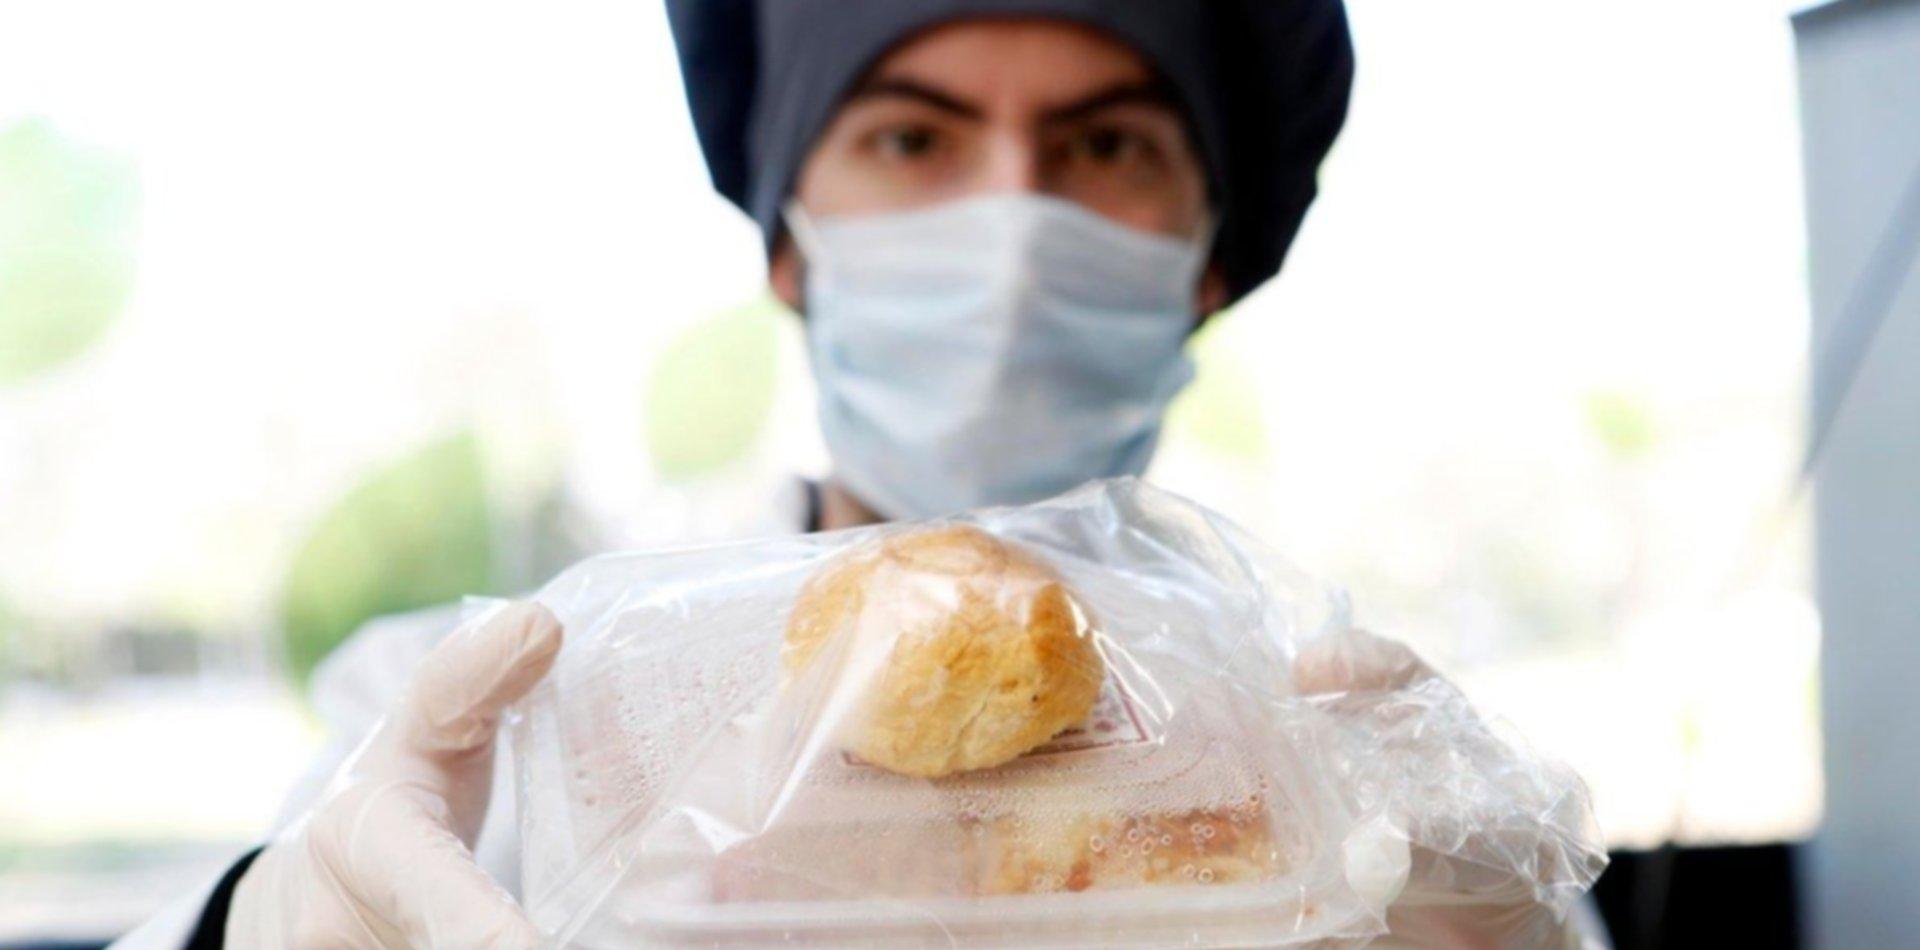 ¿Cómo anotarse en las becas de comida que lanzó la UNLP por la cuarentena del coronavirus?